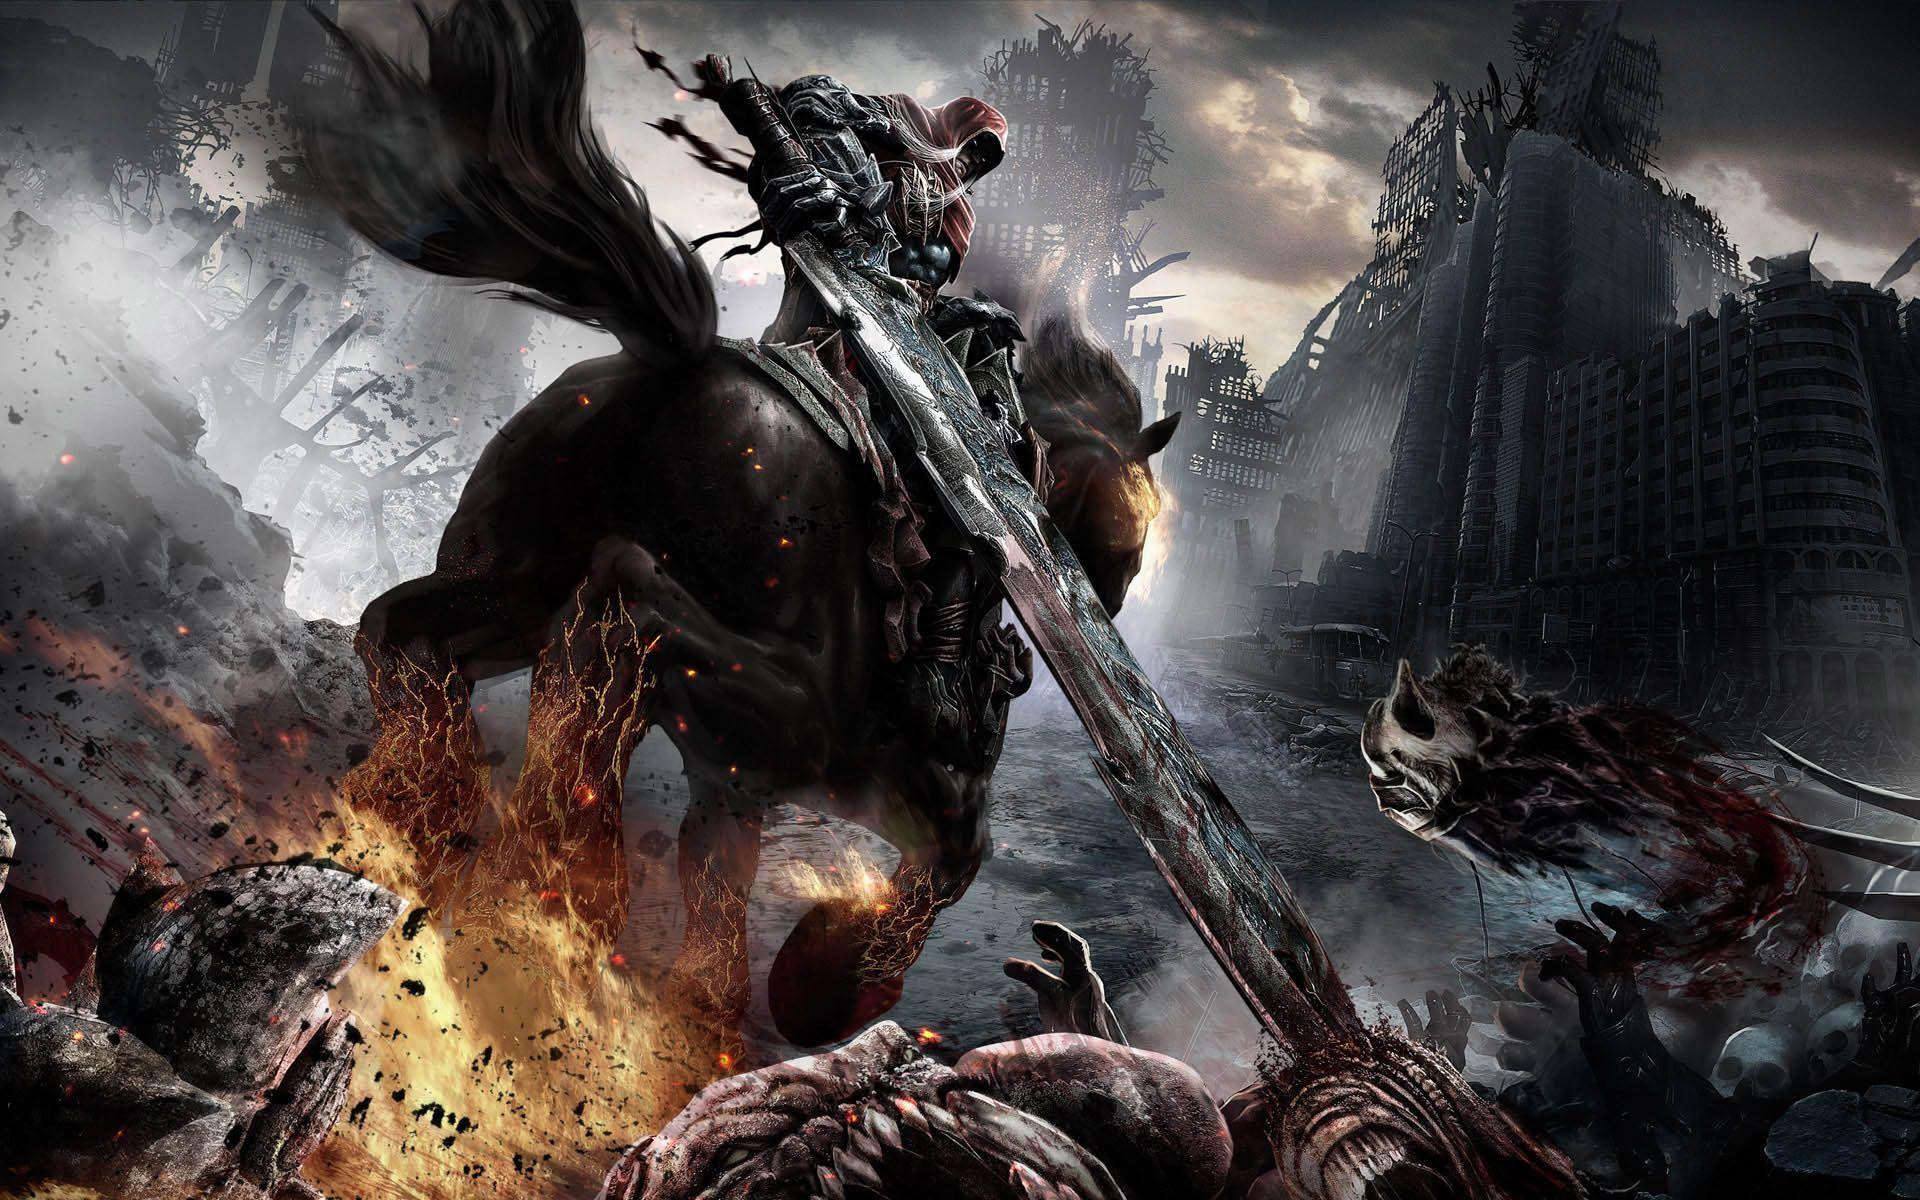 Final Fantasy Xv Dark Knight Game Wallpaper Download Wallpaper